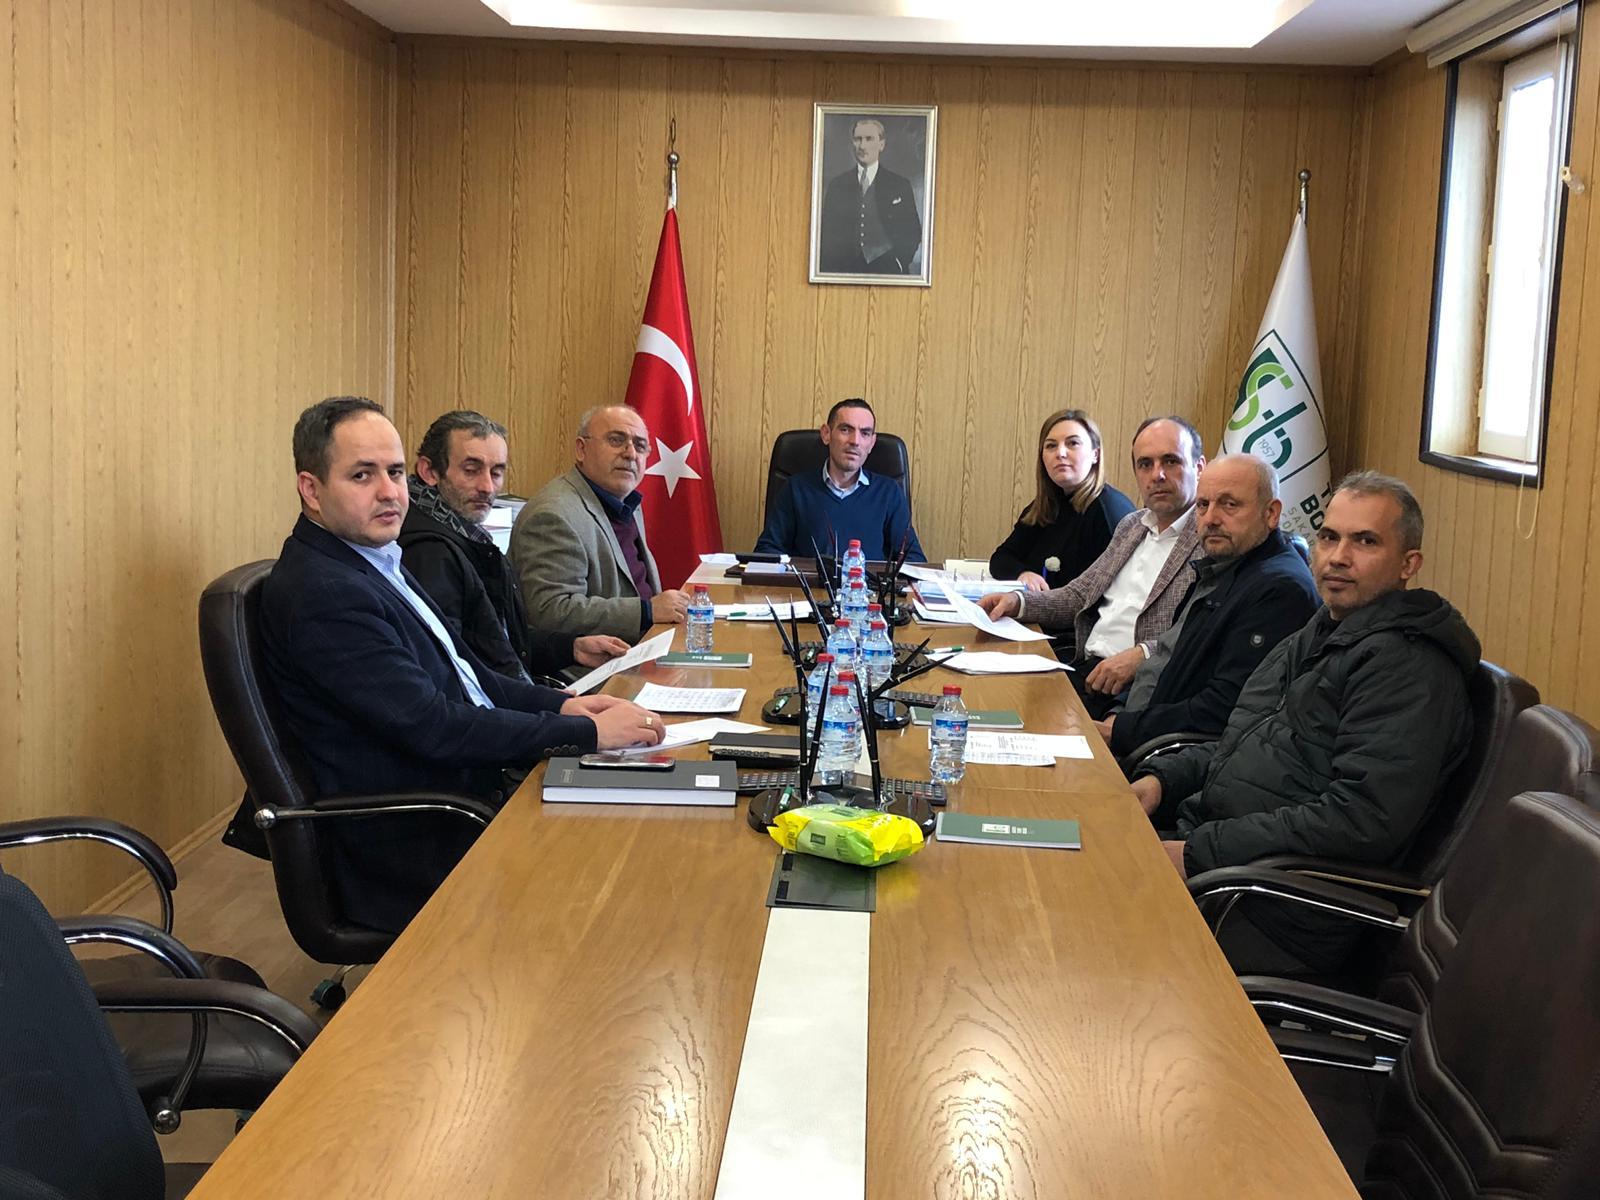 6 ve 7. Meslek Komitesi Toplantıları İcra Edildi